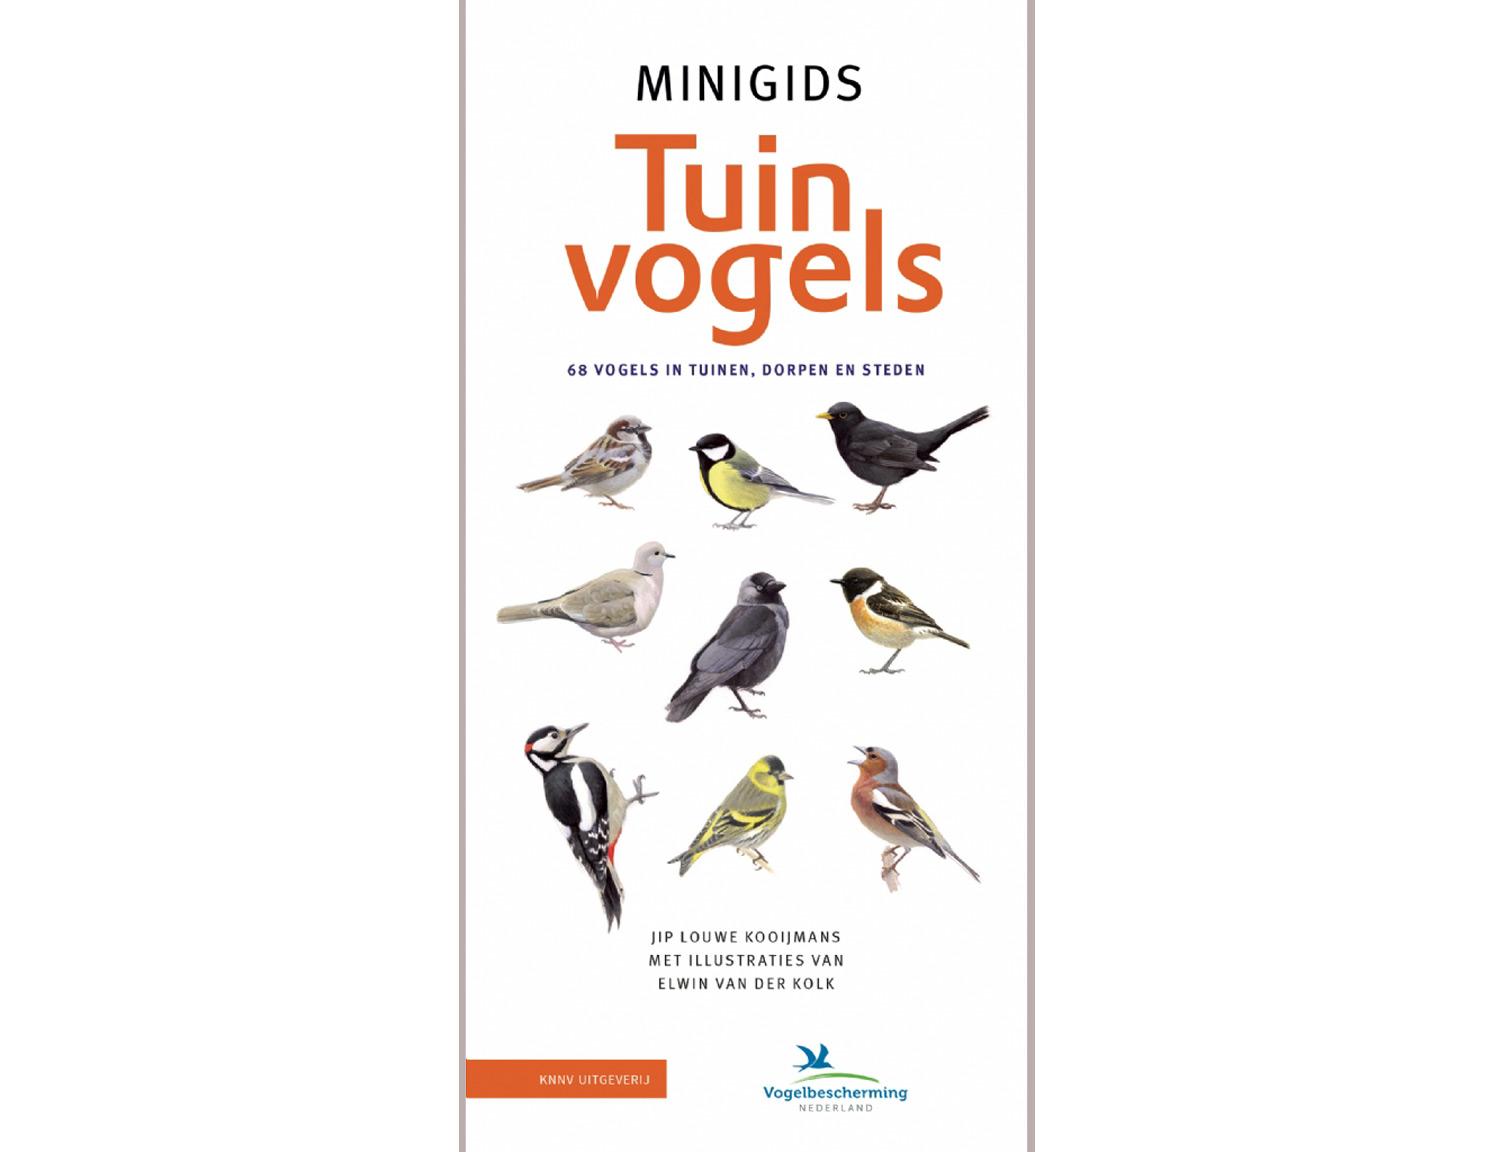 minigids_tuinvogels